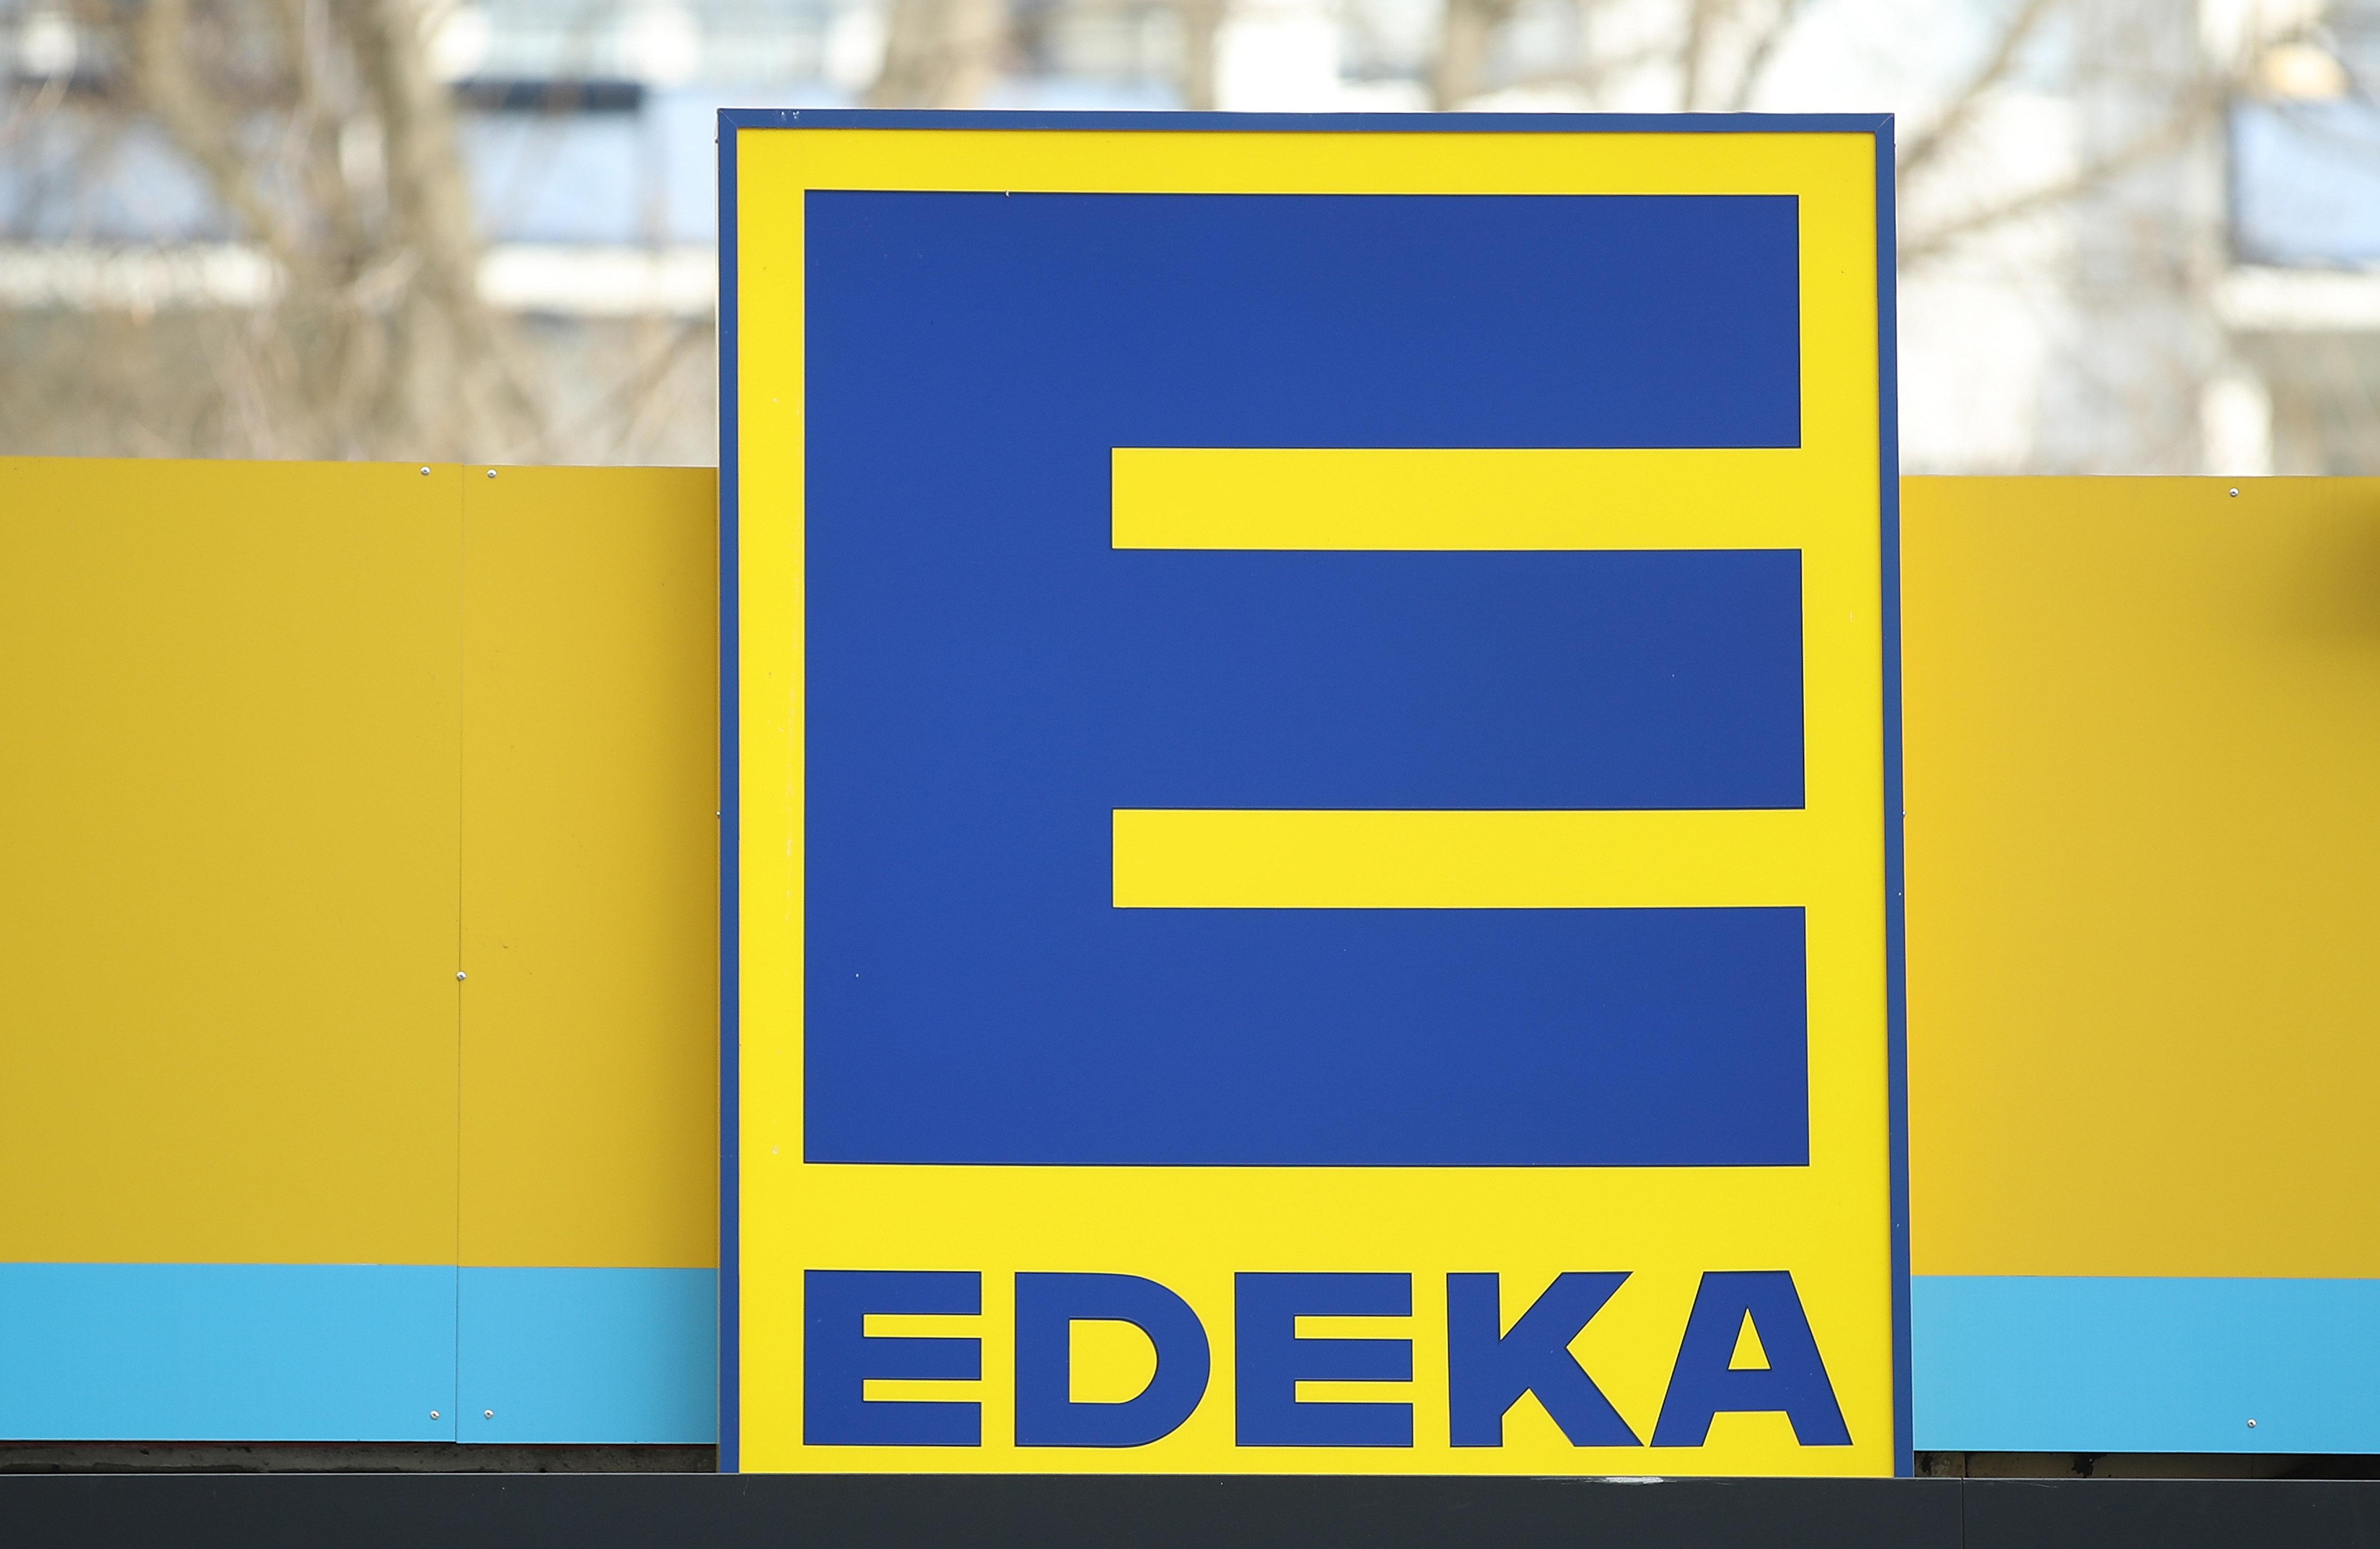 Edeka präsentiert neues Billig-Angebot – Kunden reagieren